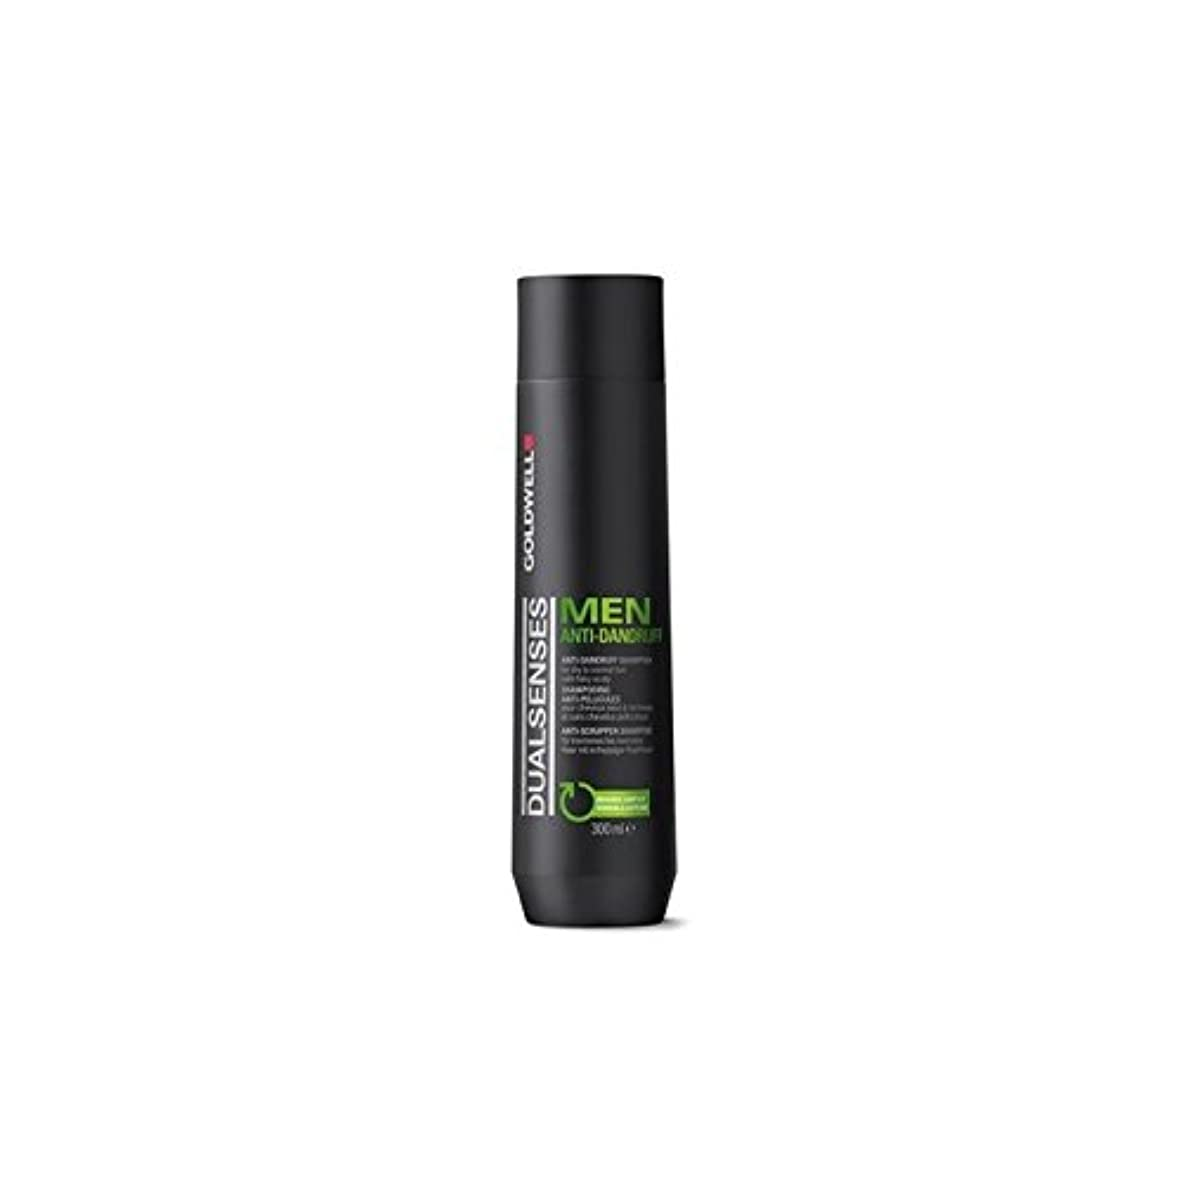 レトルトたまに不良フケ防止シャンプー(300ミリリットル)男性のためのの x2 - Goldwell Dualsenses For Men Anti-Dandruff Shampoo (300ml) (Pack of 2) [並行輸入品]